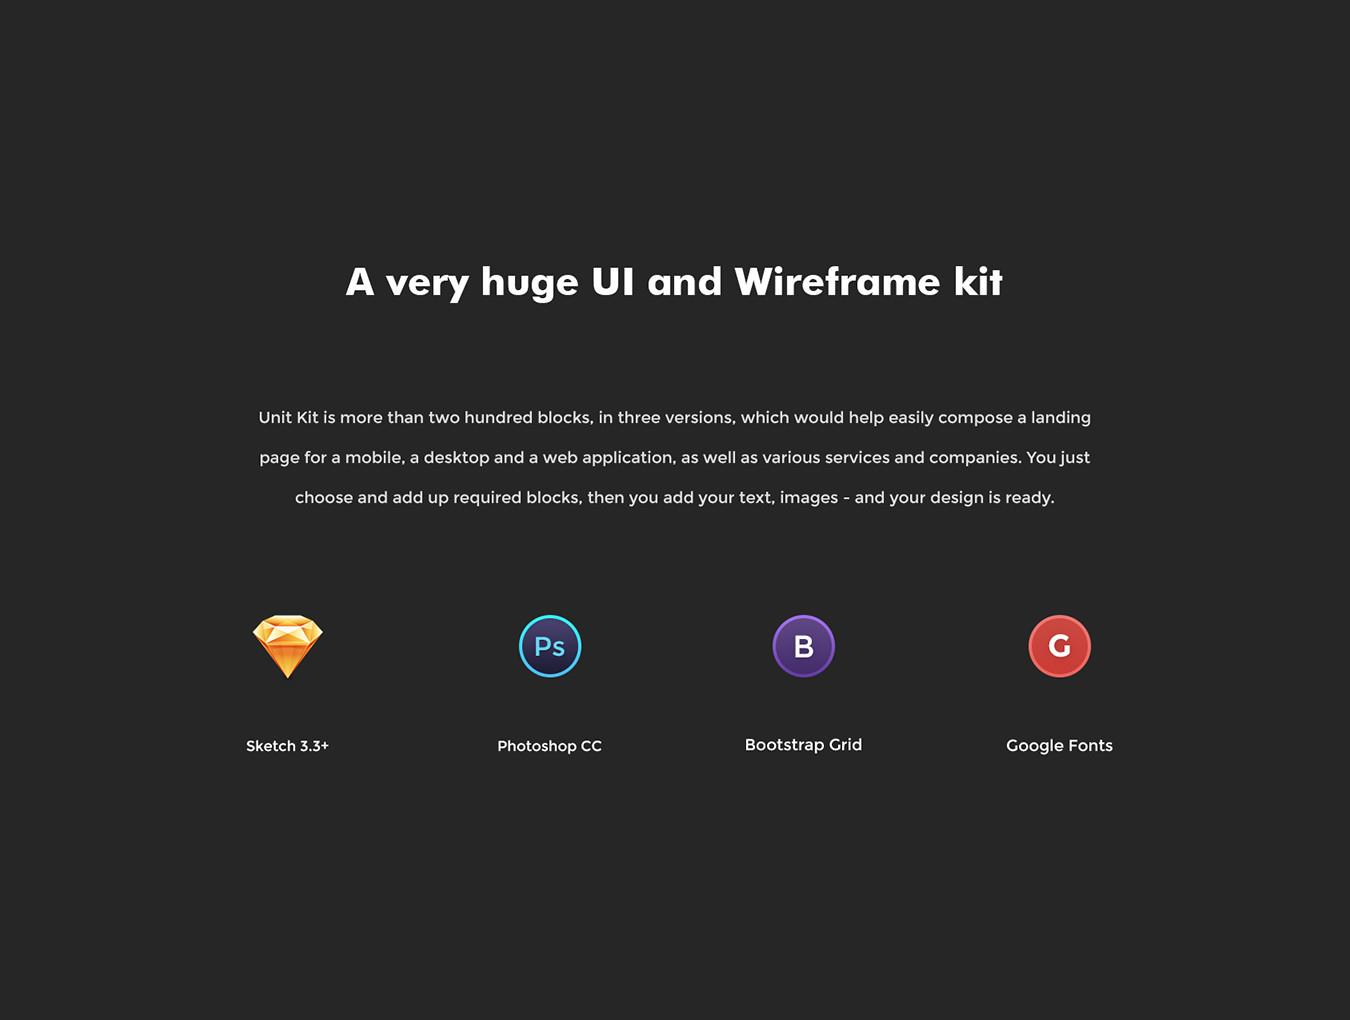 响应式全面完整的网站ui设计ui素材UI组件套装模板下载[Sketch,PSD]  Unit Kit 2